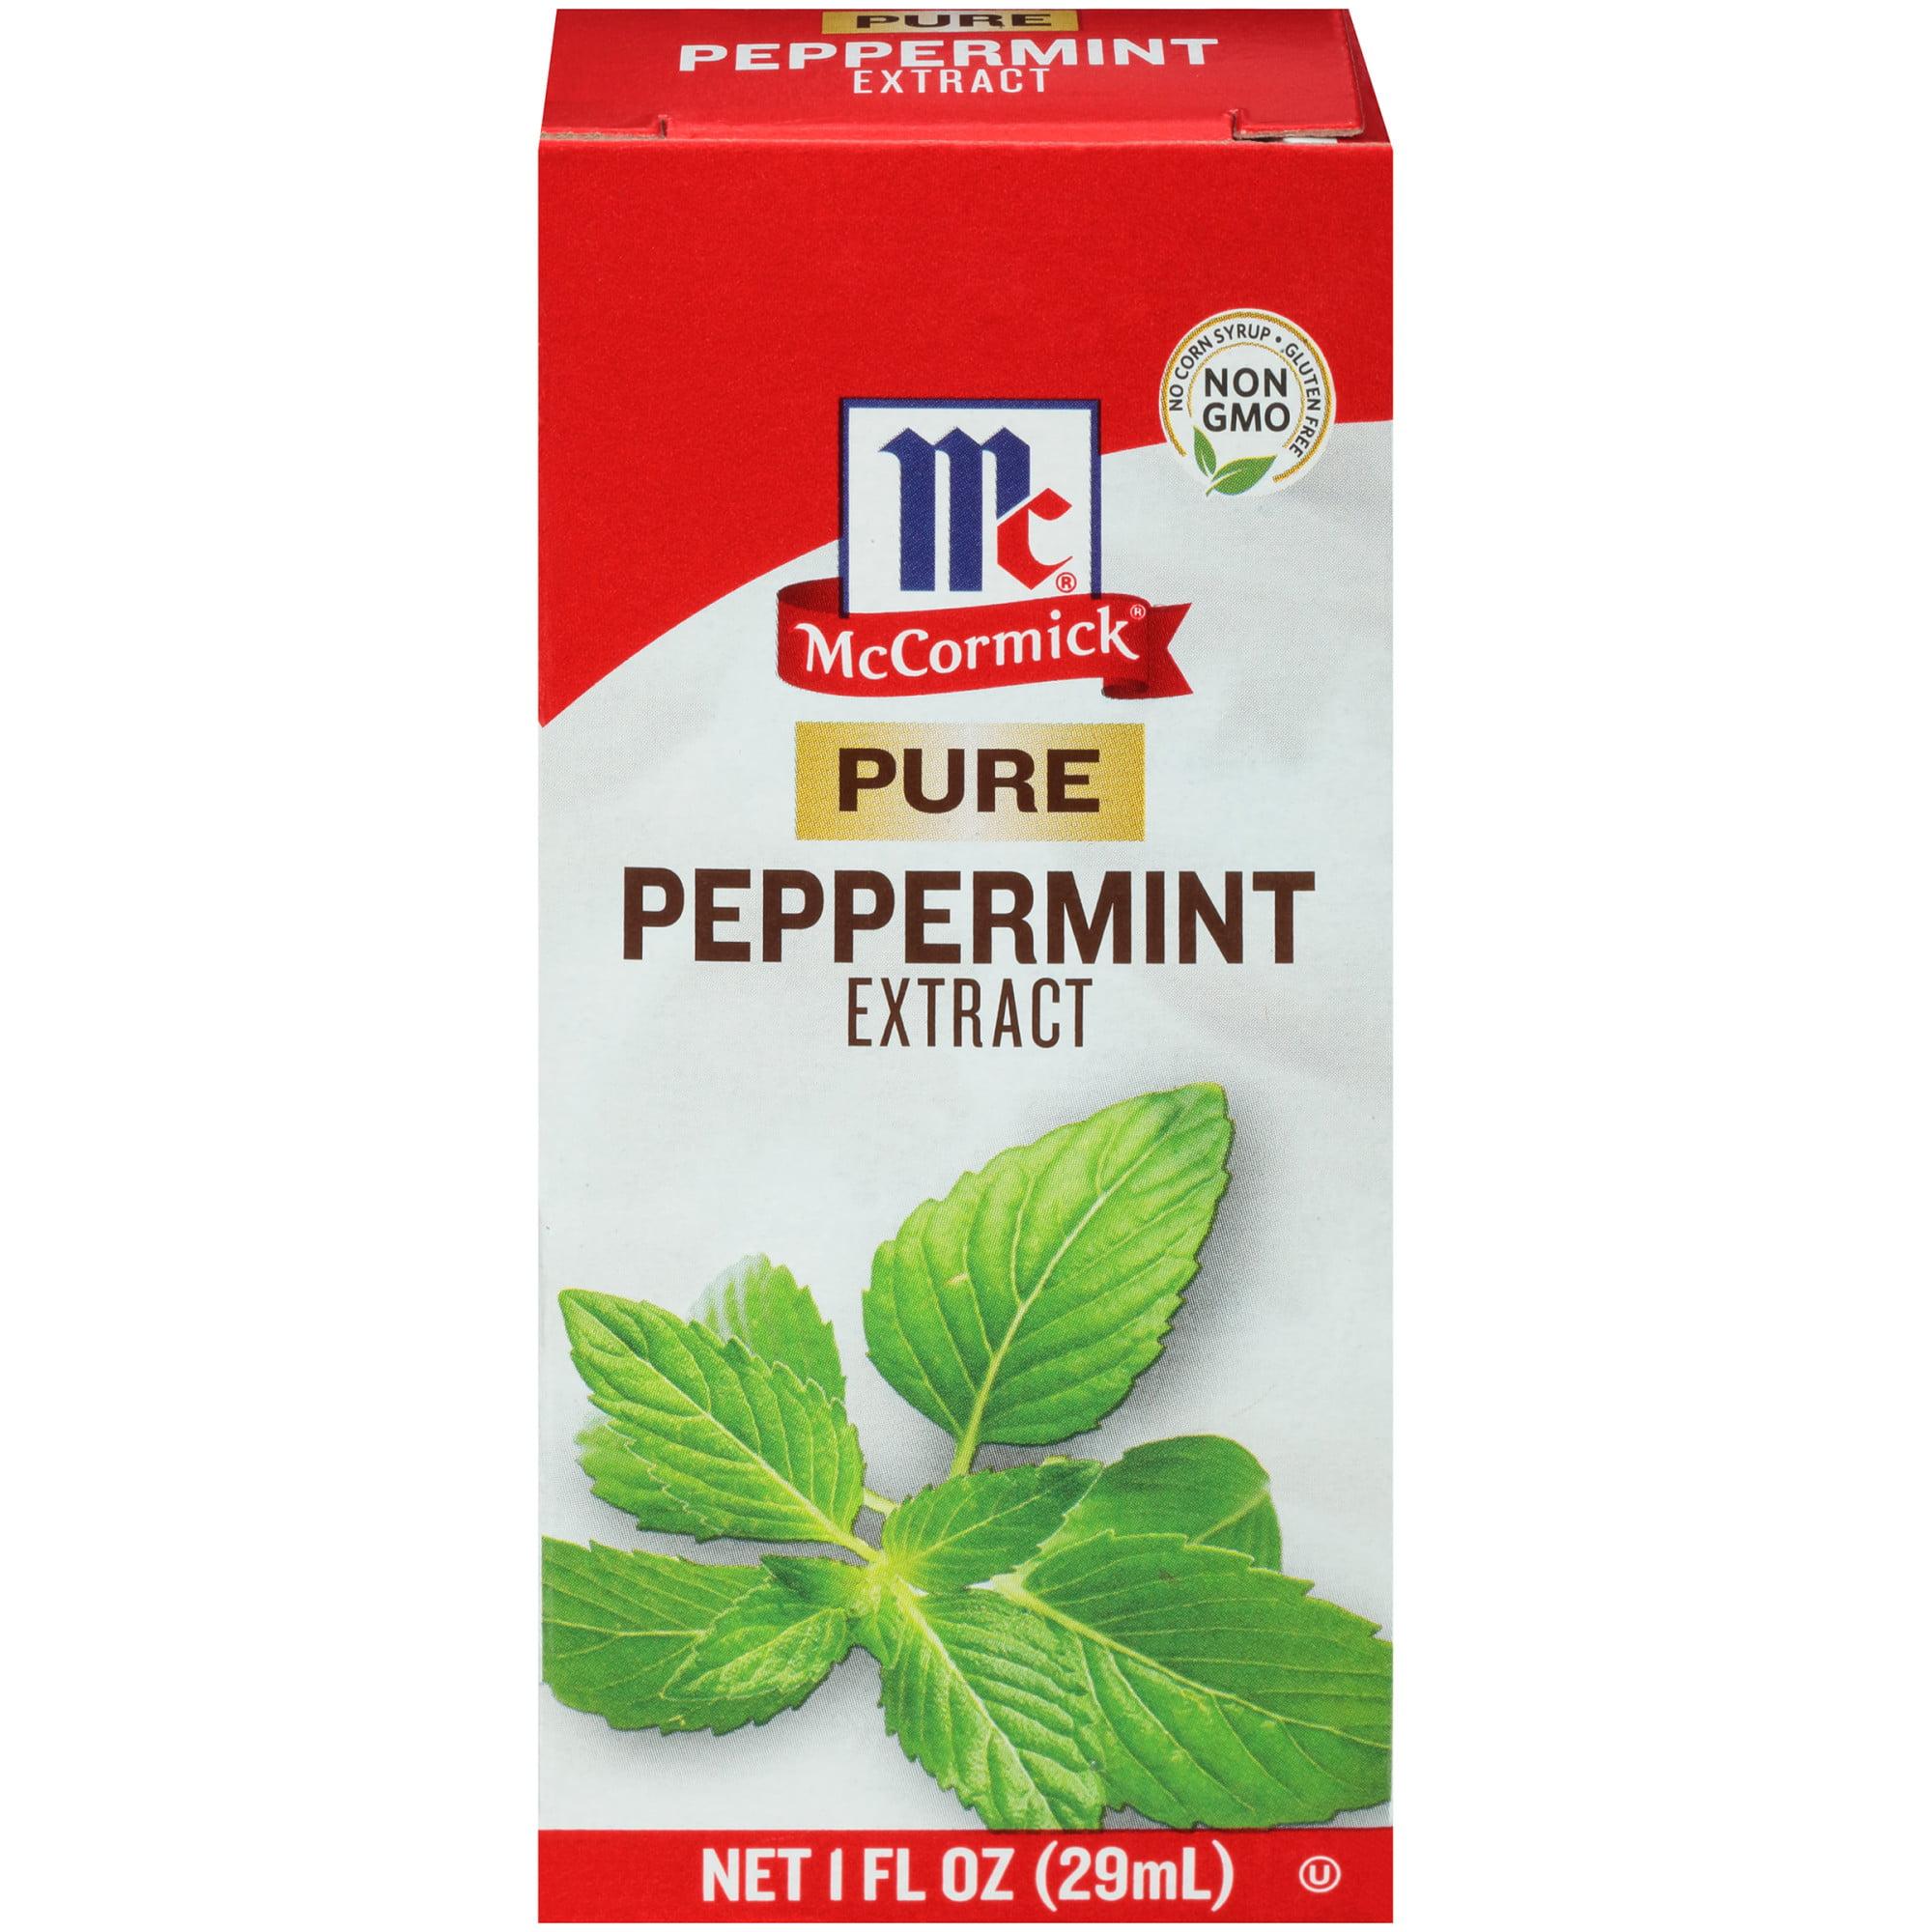 McCormick Pure Peppermint Extract, 1 fl oz - Walmart.com